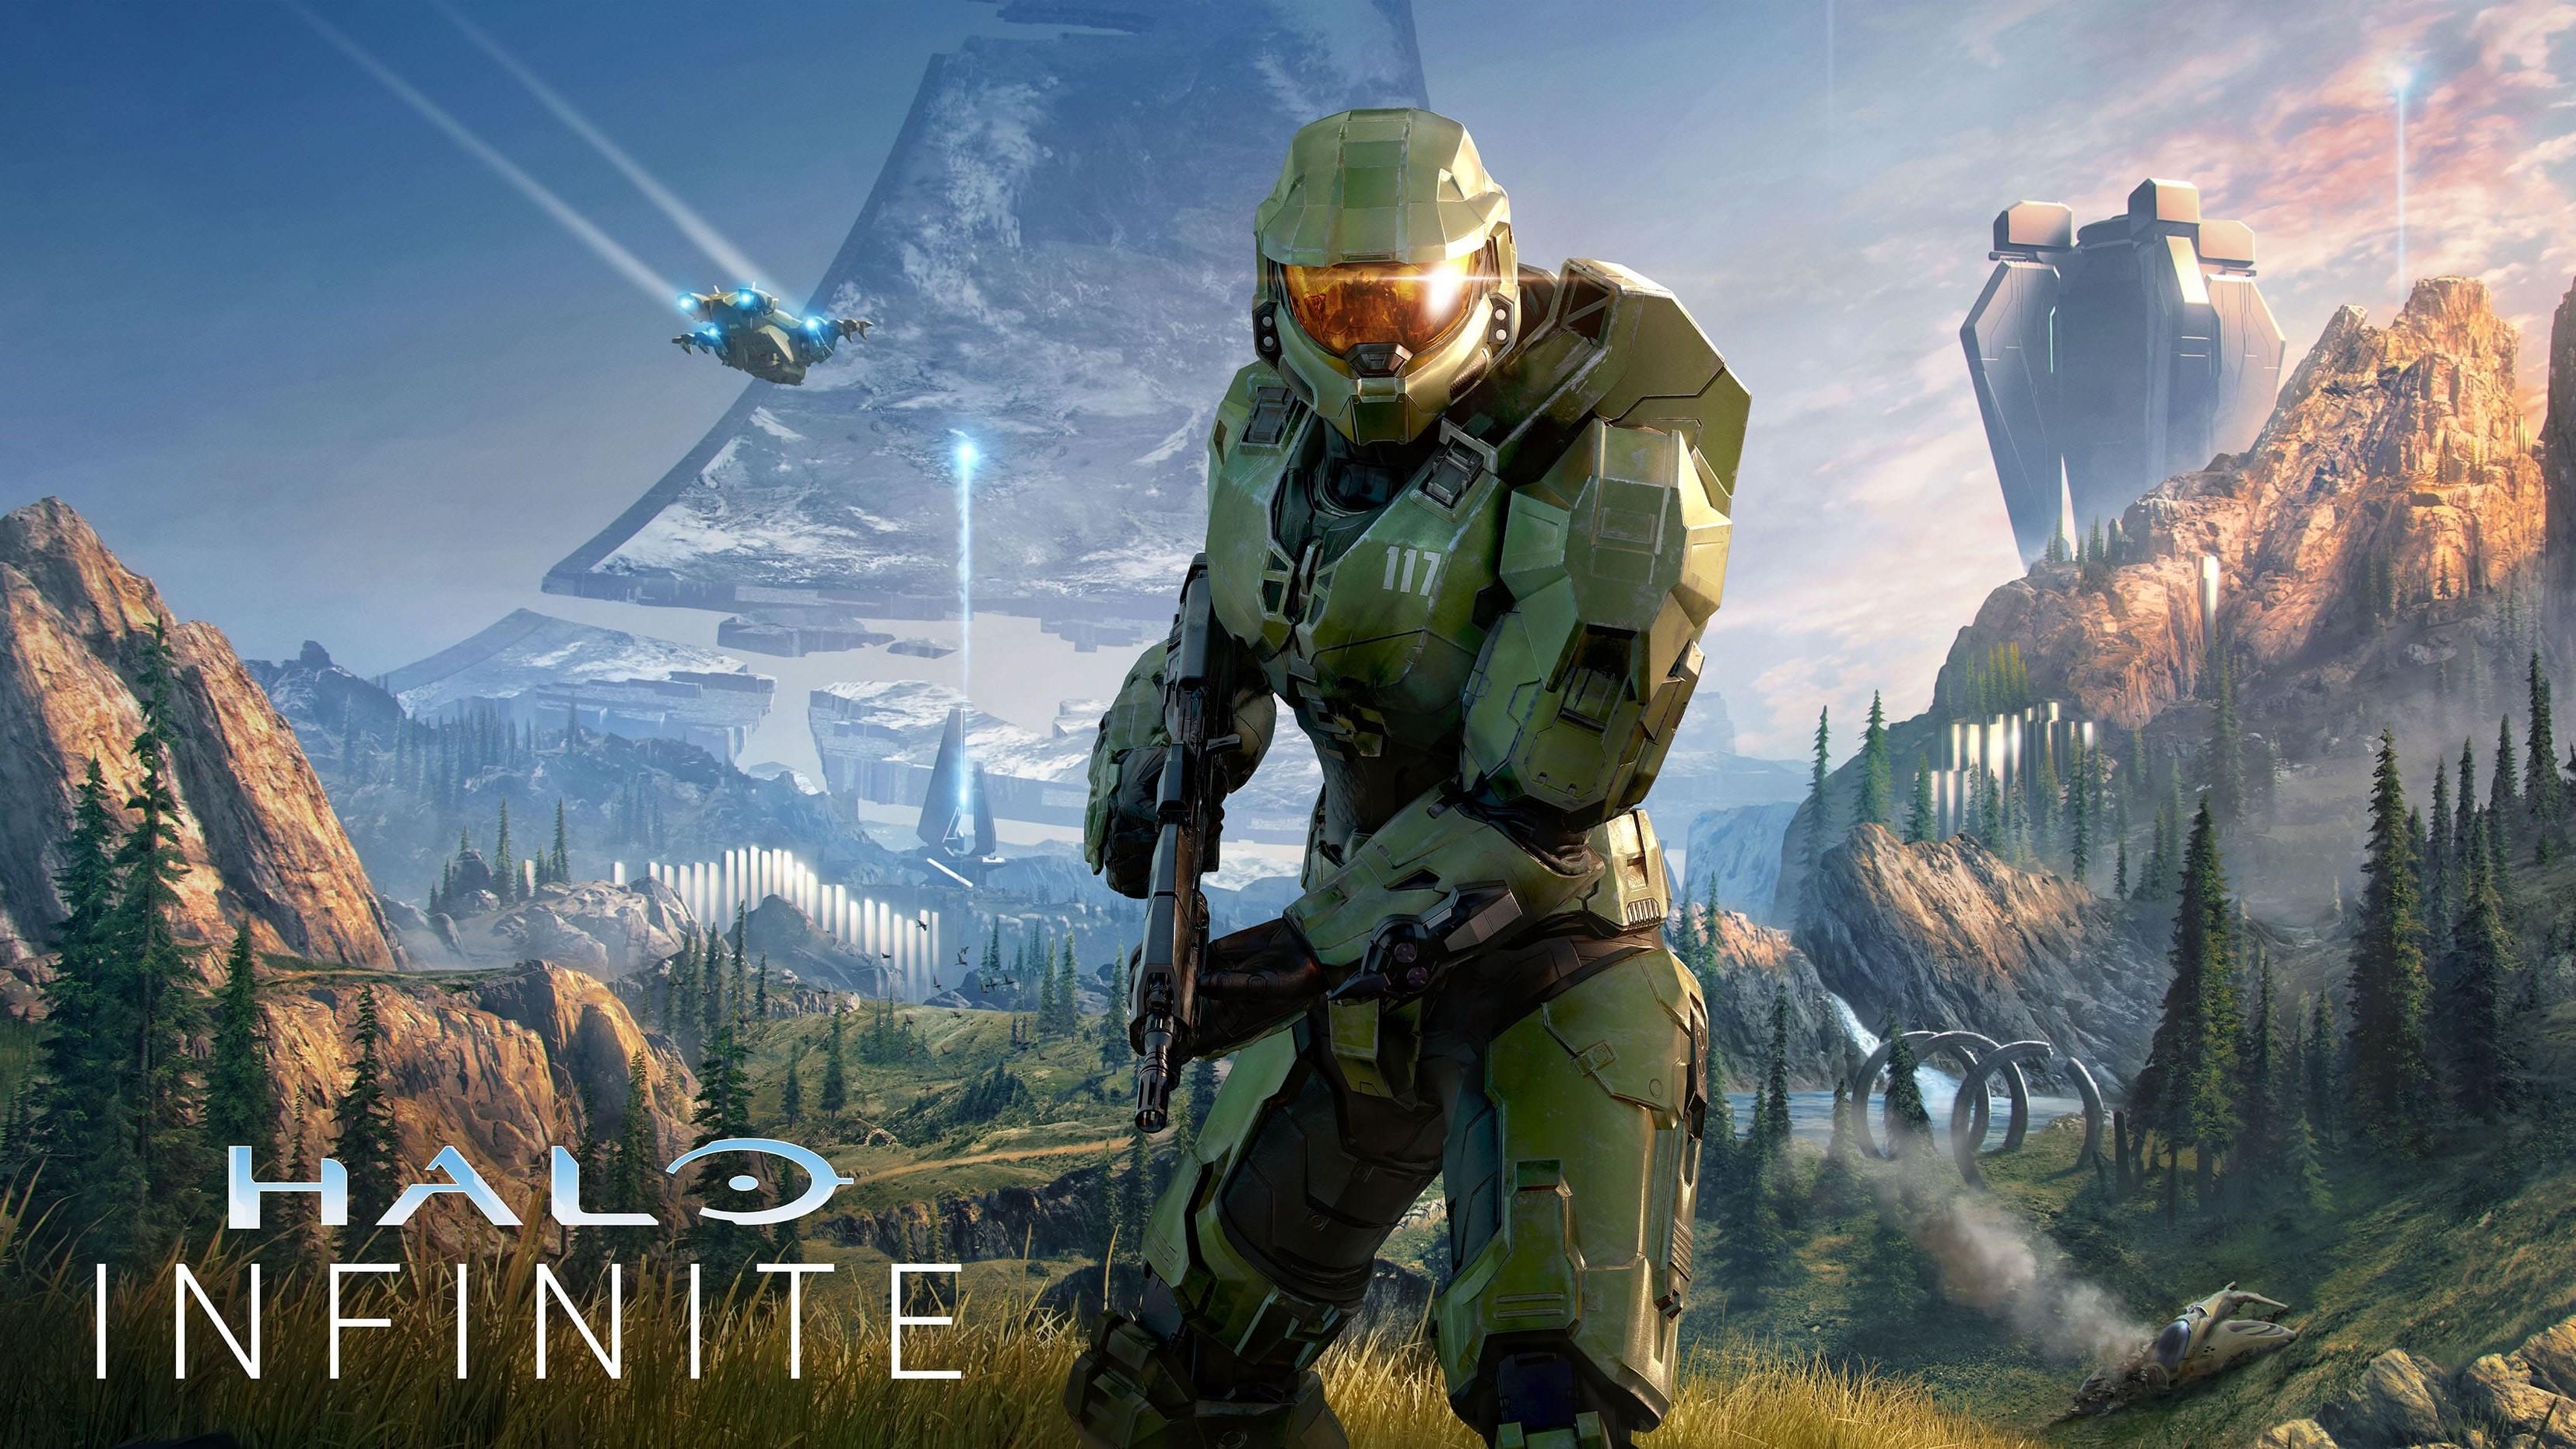 343 Industries ประกาศ! เตรียมพบข้อมูลเชิงลึกเพิ่มเติมของ Halo Infinite ได้ตลอด 1 อาทิตย์หลังจากนี้